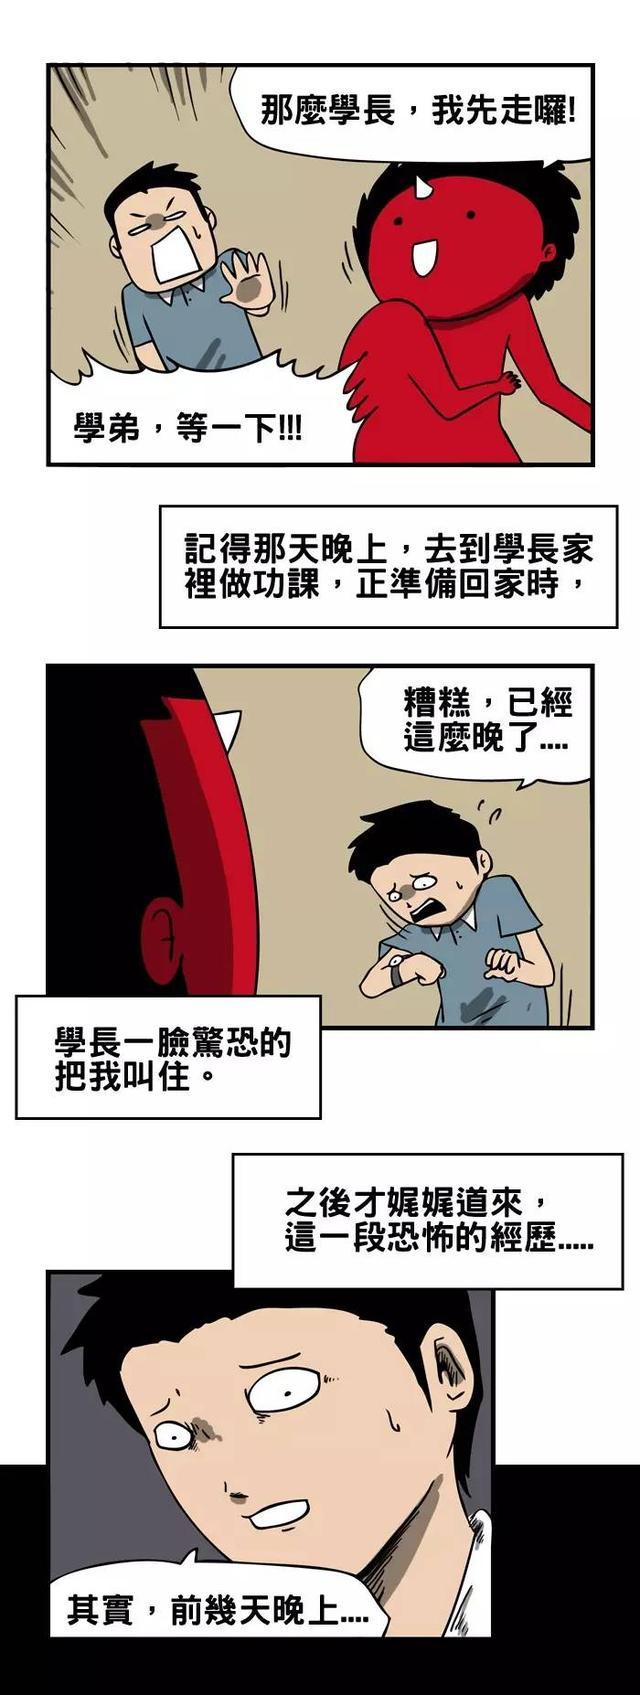 .h漫画,深夜漫画 | 那天学长抱着我睡一整晚